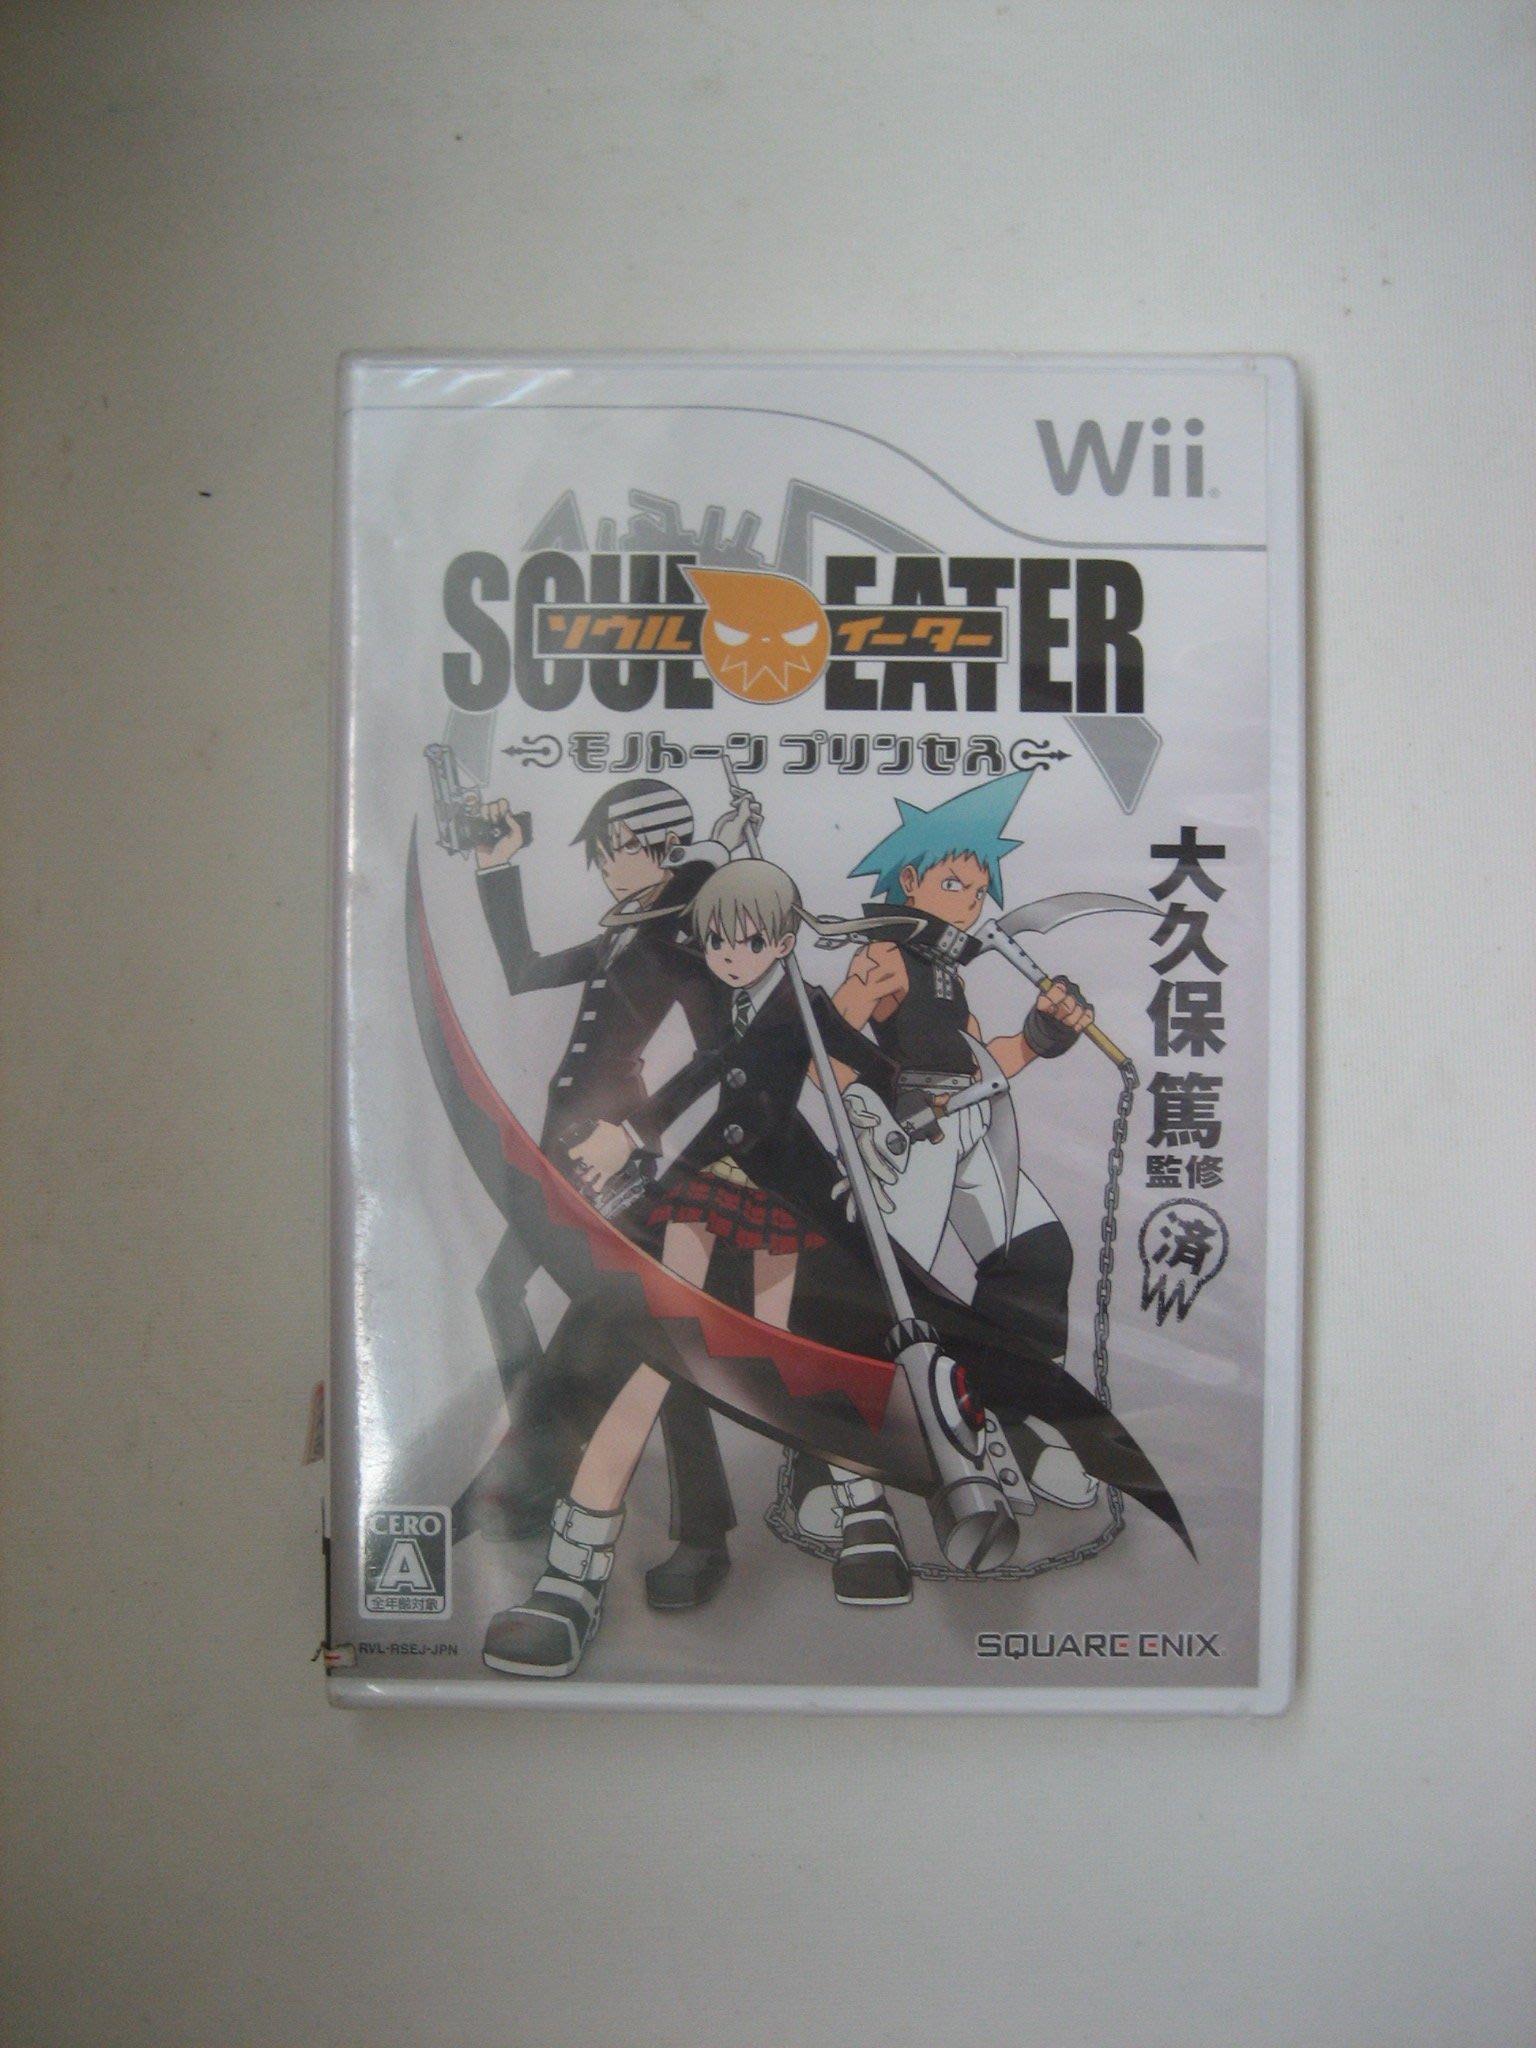 全新Wii 噬魂者 單調公主 日版 SOUL EATER